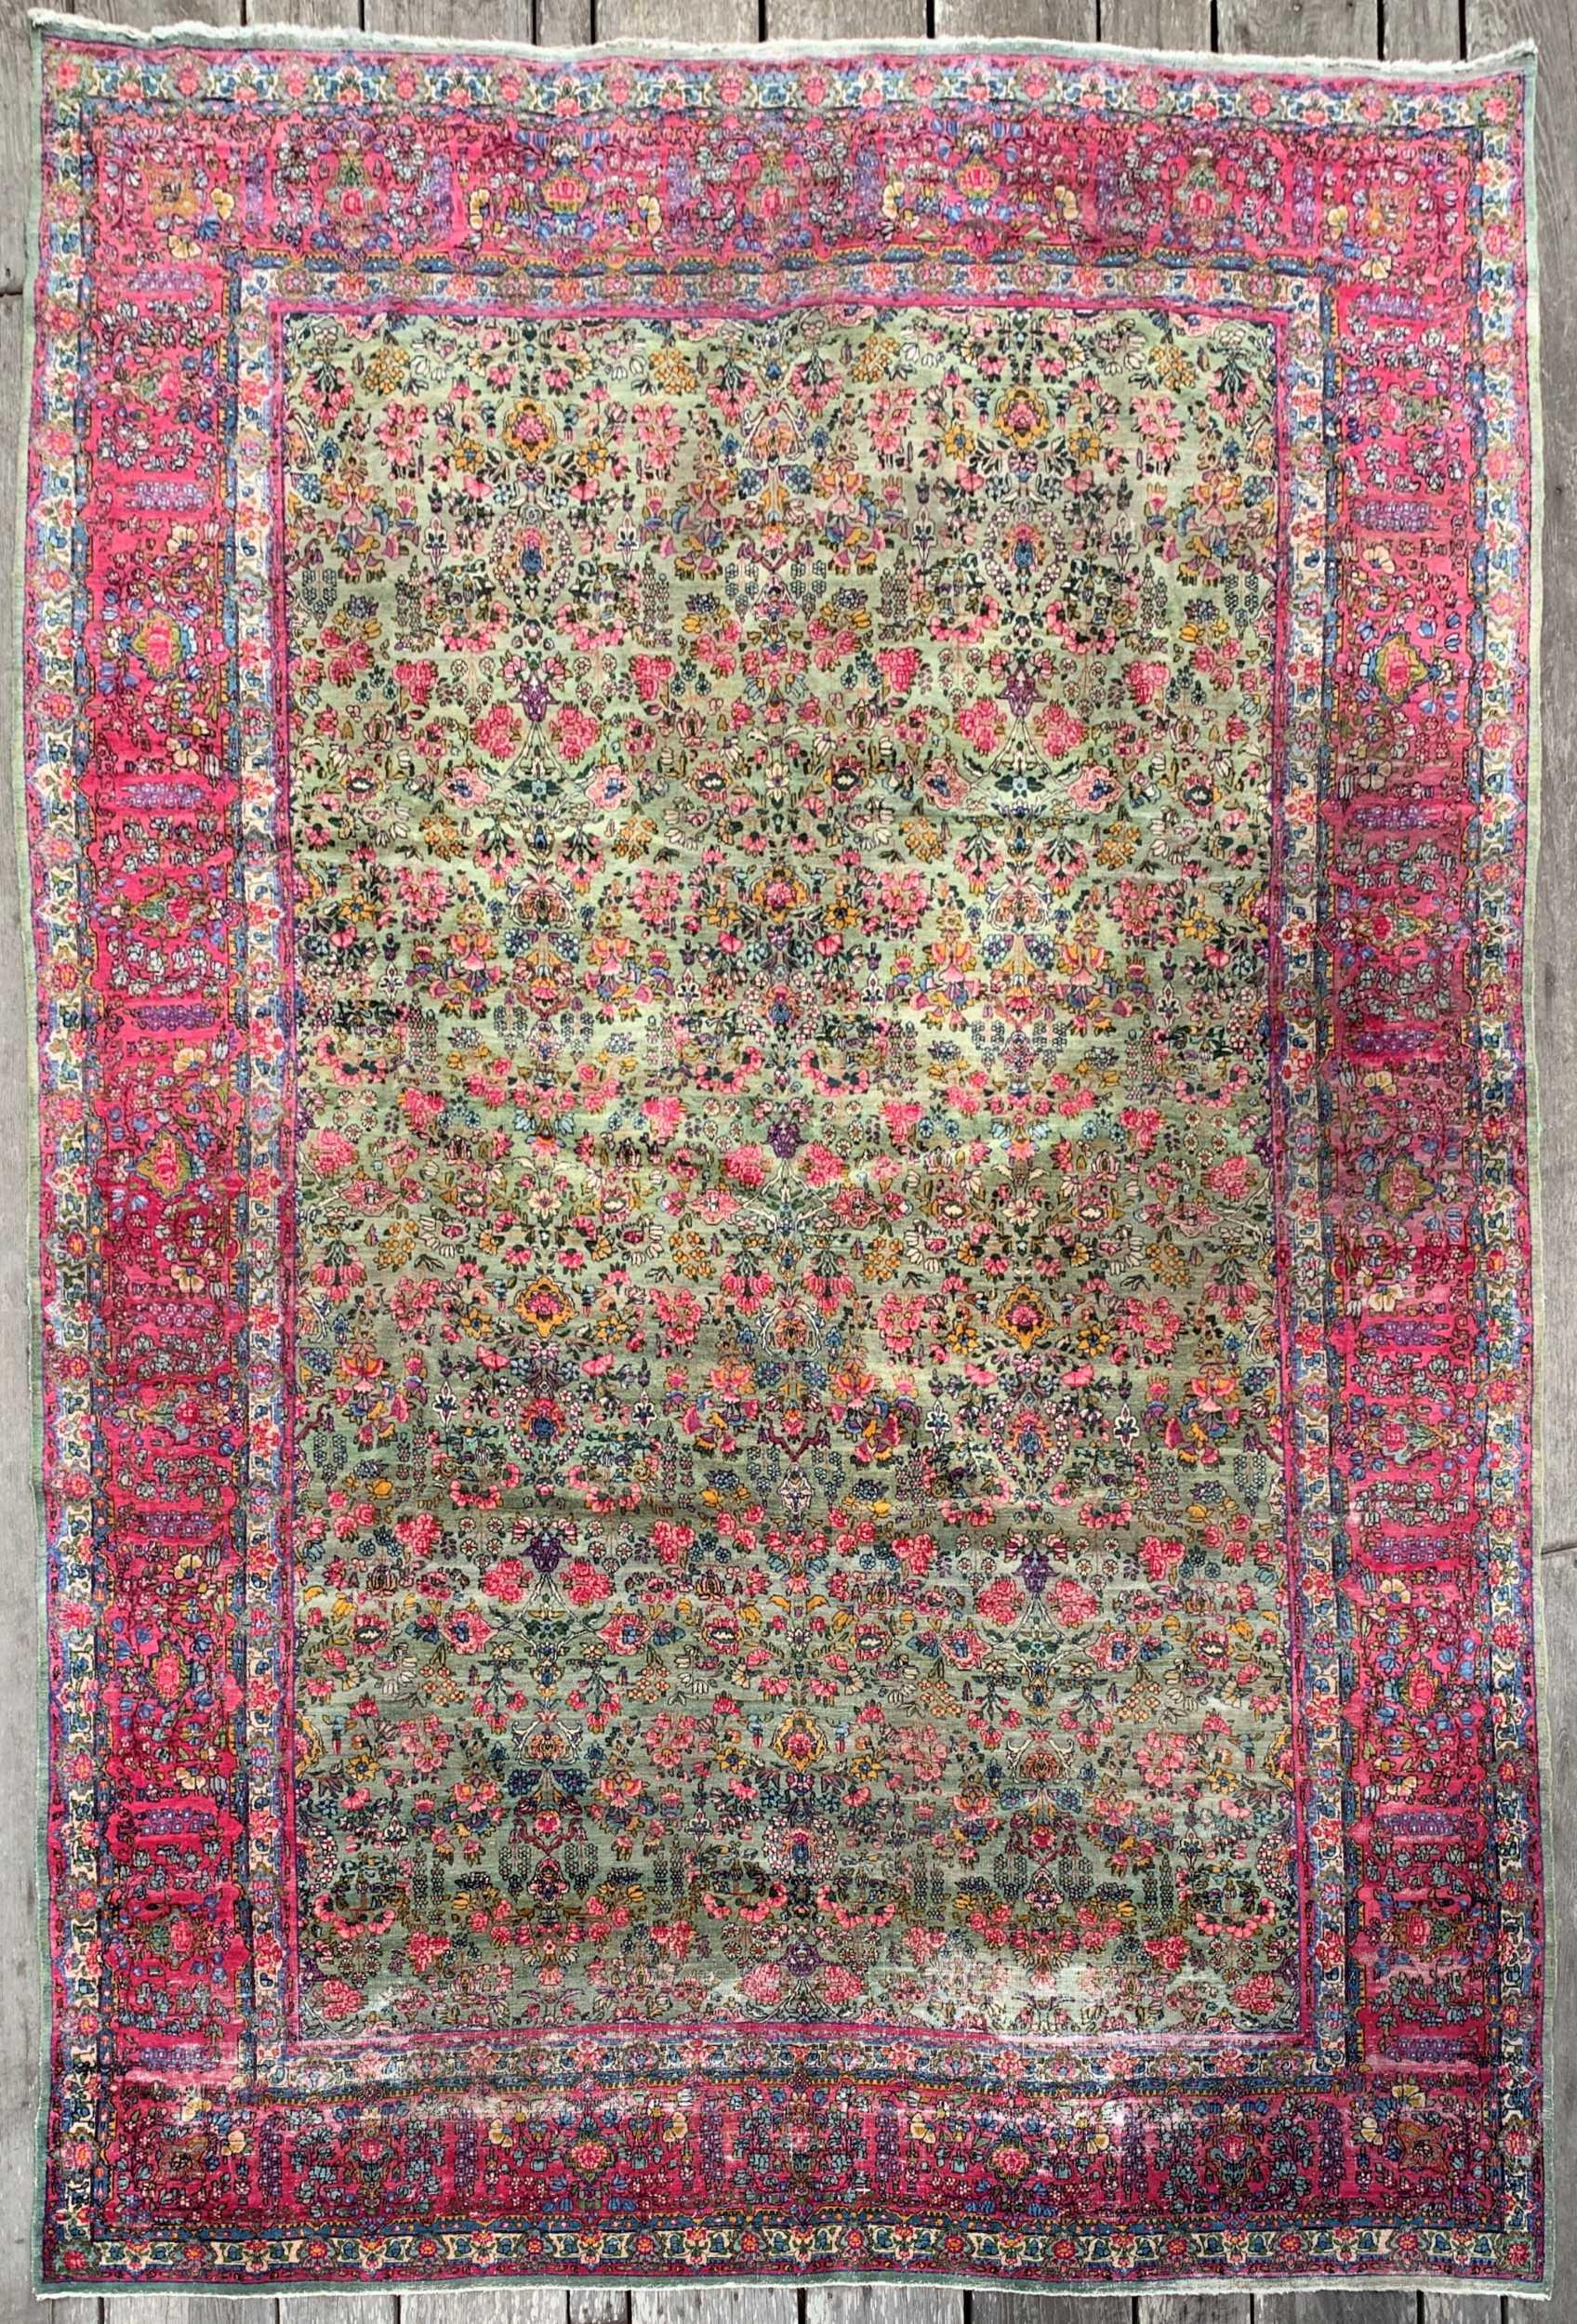 Steelman Rugs Antique 1920s Kerman Green Floral Persian Rug 8 9 X 12 11